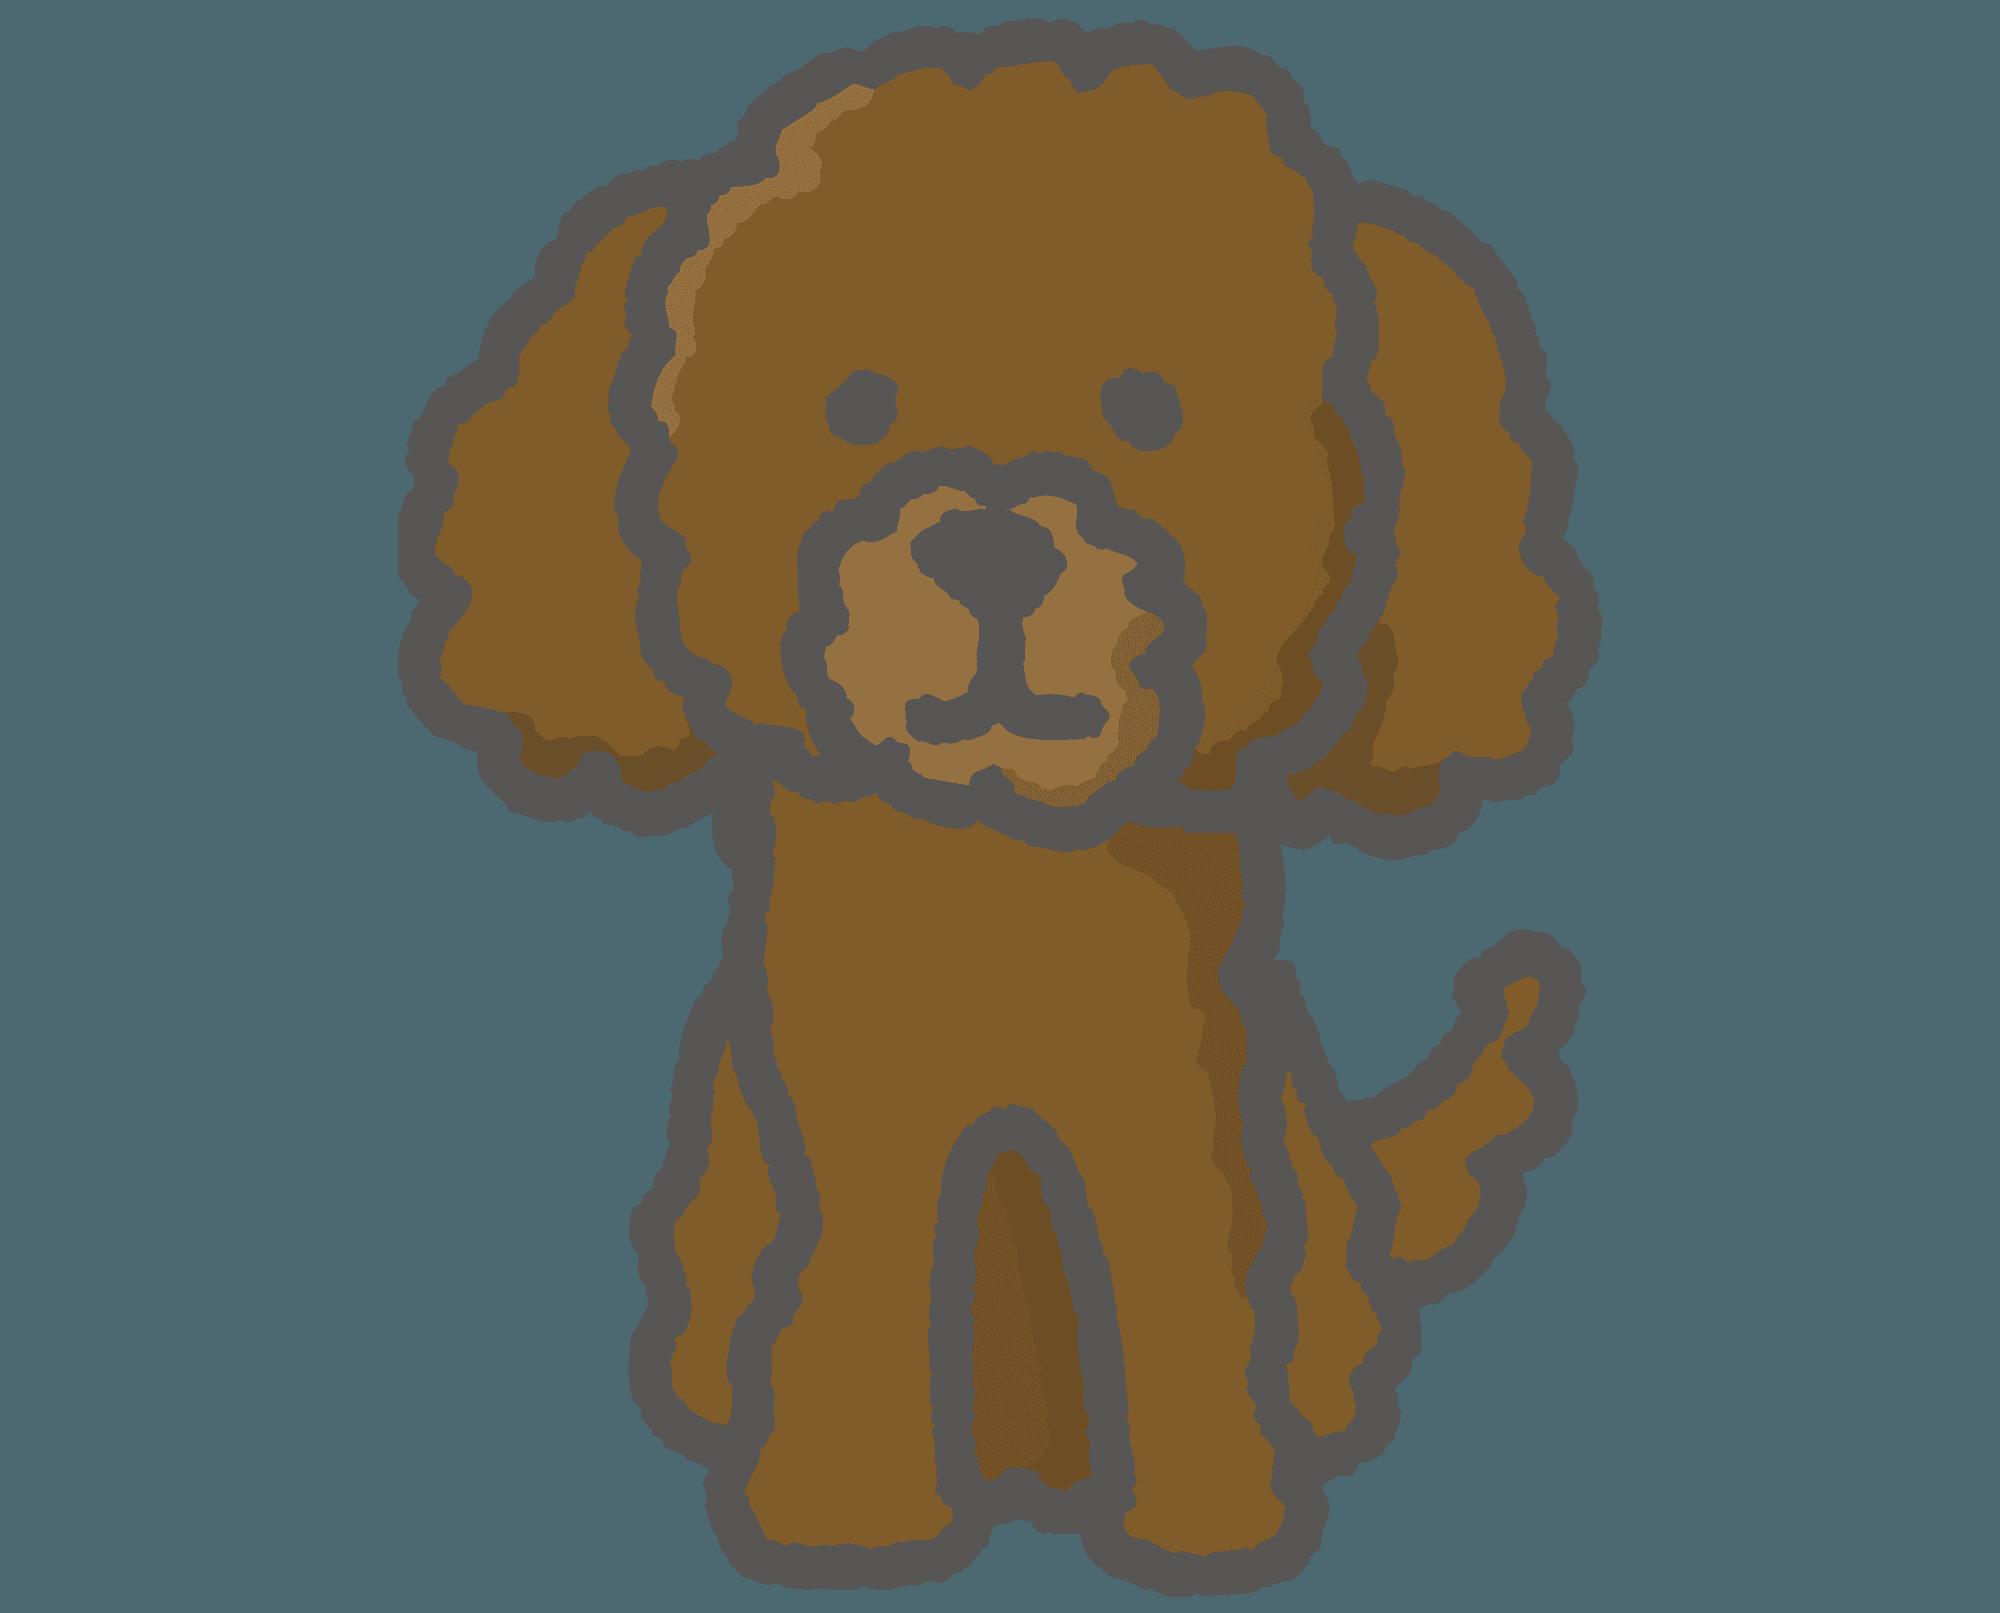 ダークブラウンのトイプードルトイプードルのイラスト